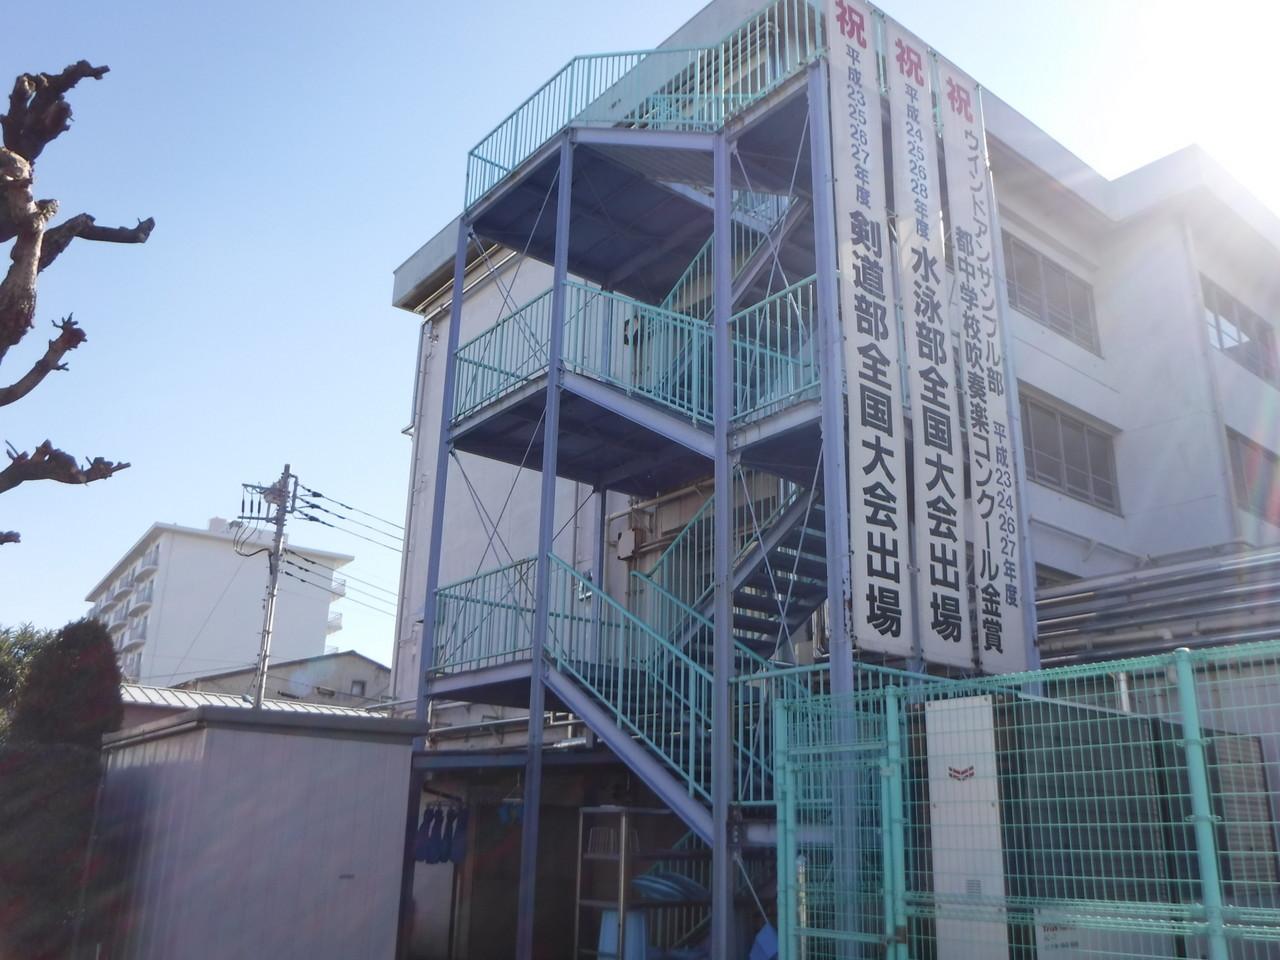 練馬区内某中学校鉄骨階段塗装工事